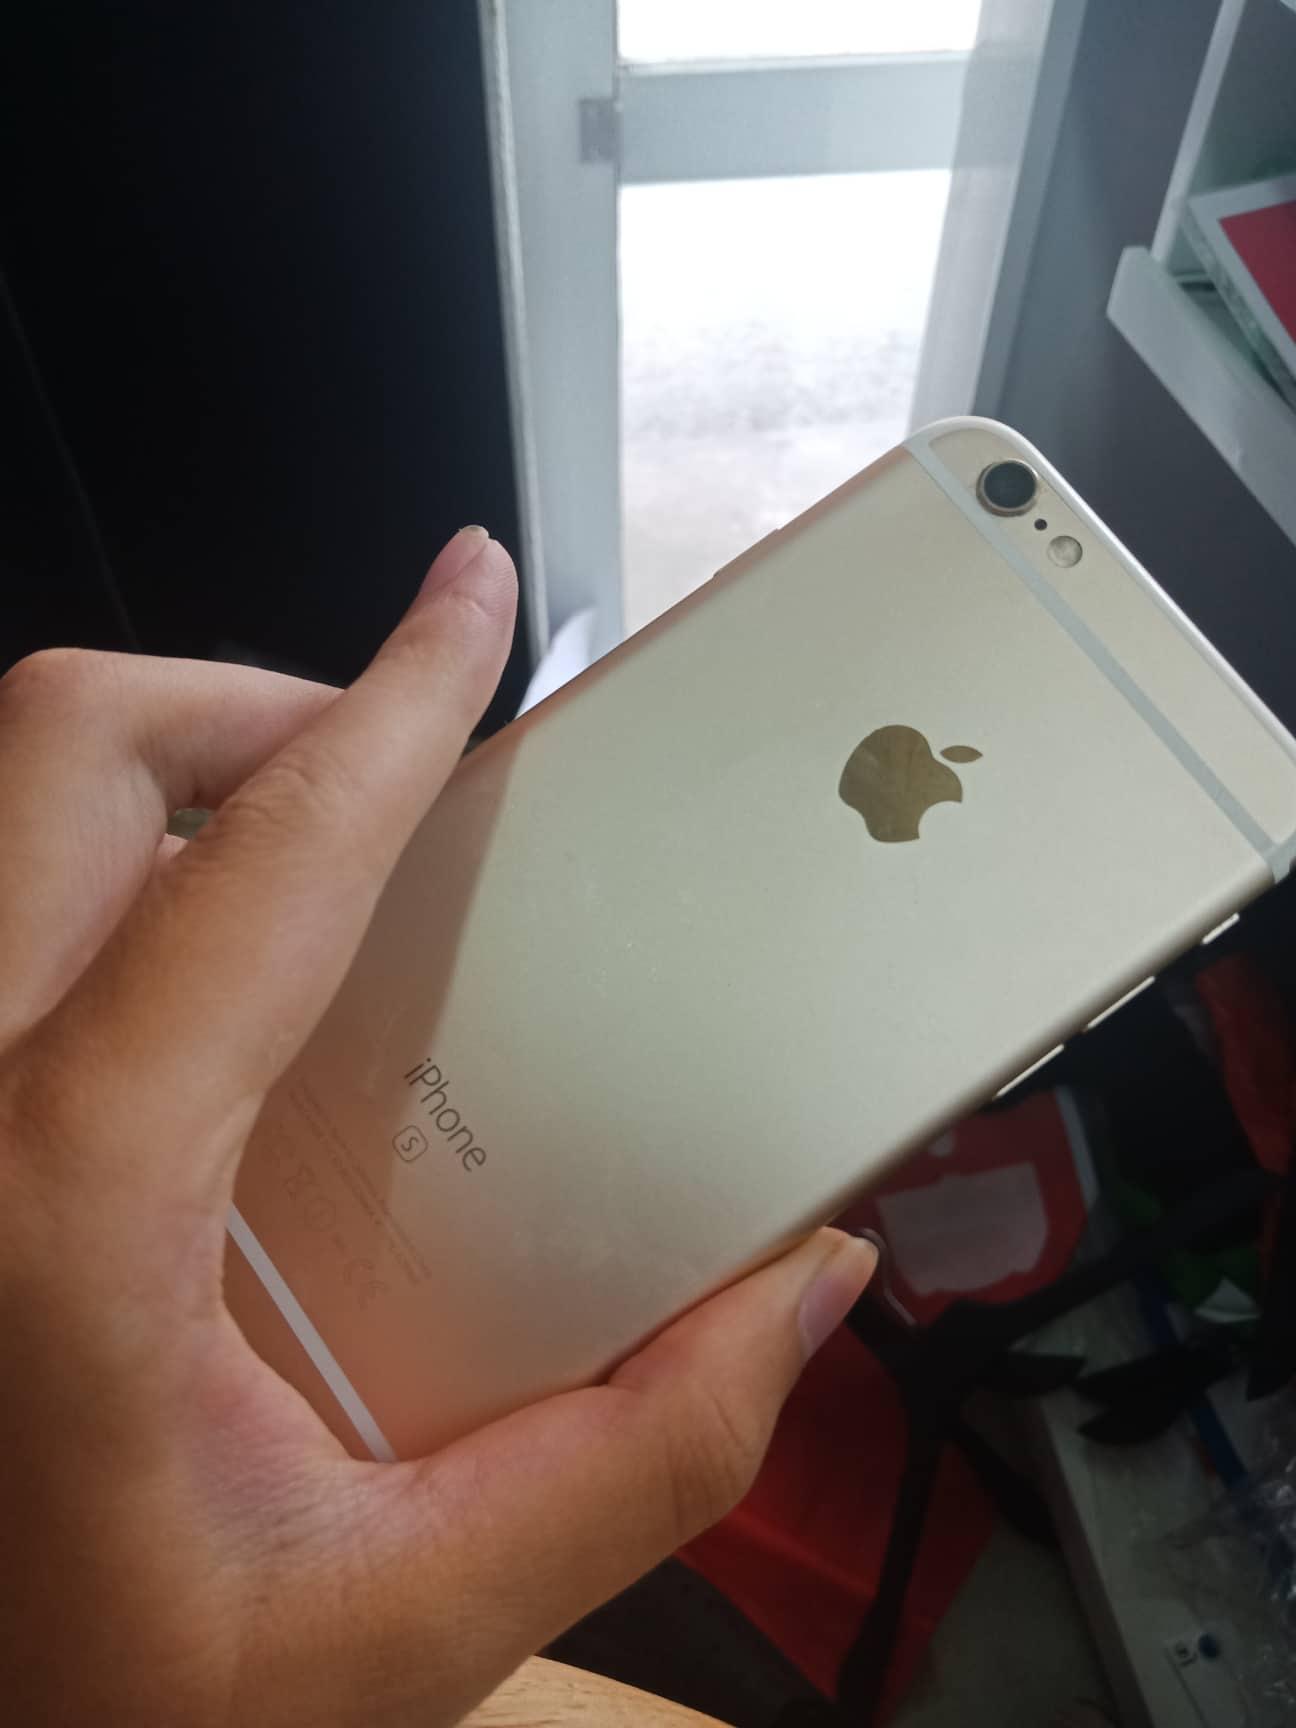 5 Iphone 6 16gb 2t4, iphone 6s 16gb 3t2, iphone 7  128gb 8tr, iphone 6s plus 64gb 5tr